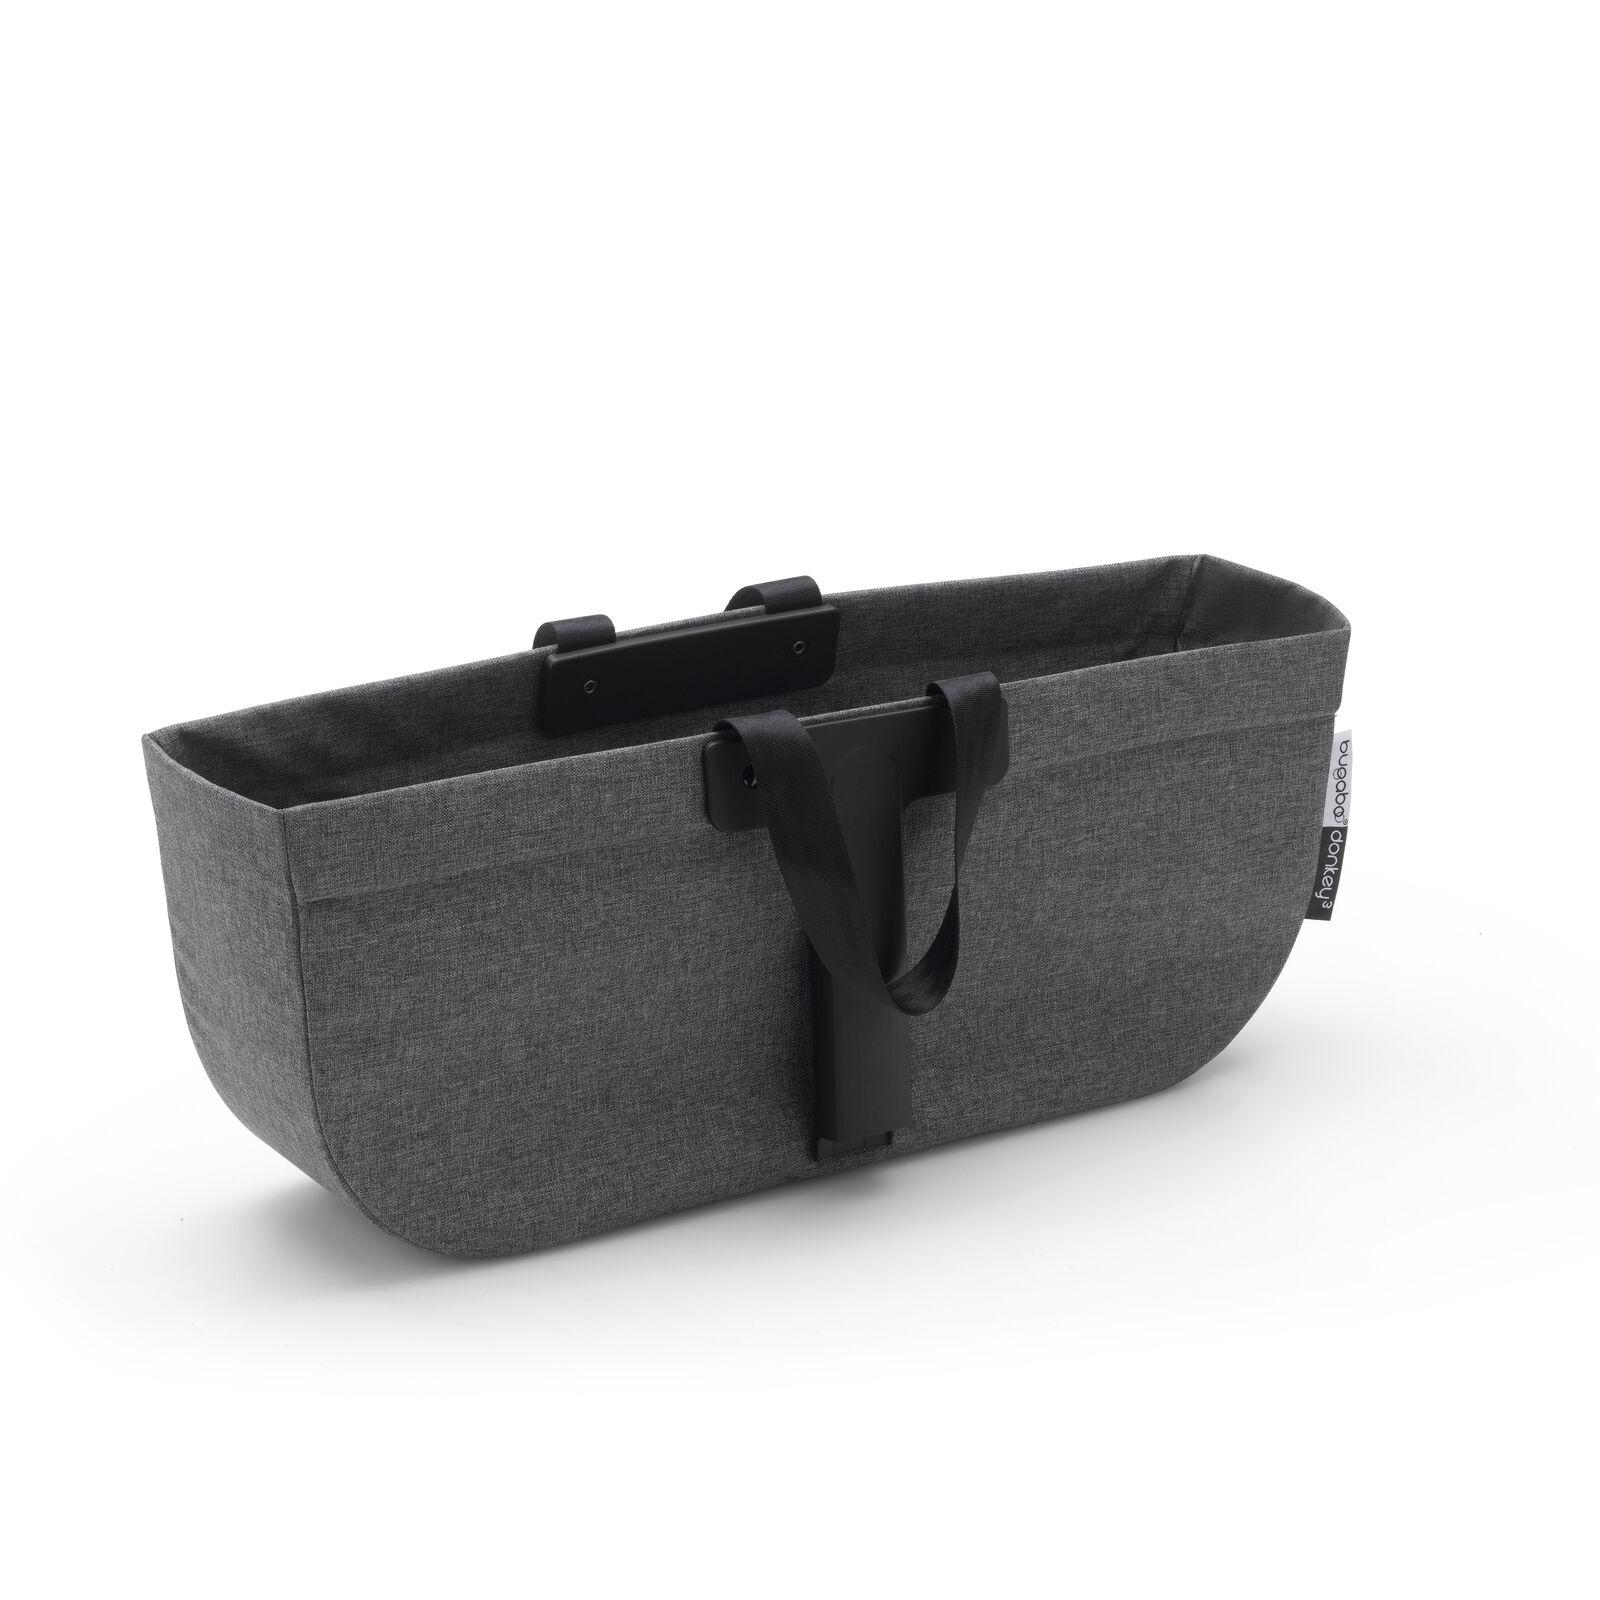 Bugaboo Donkey 3 side luggage basket